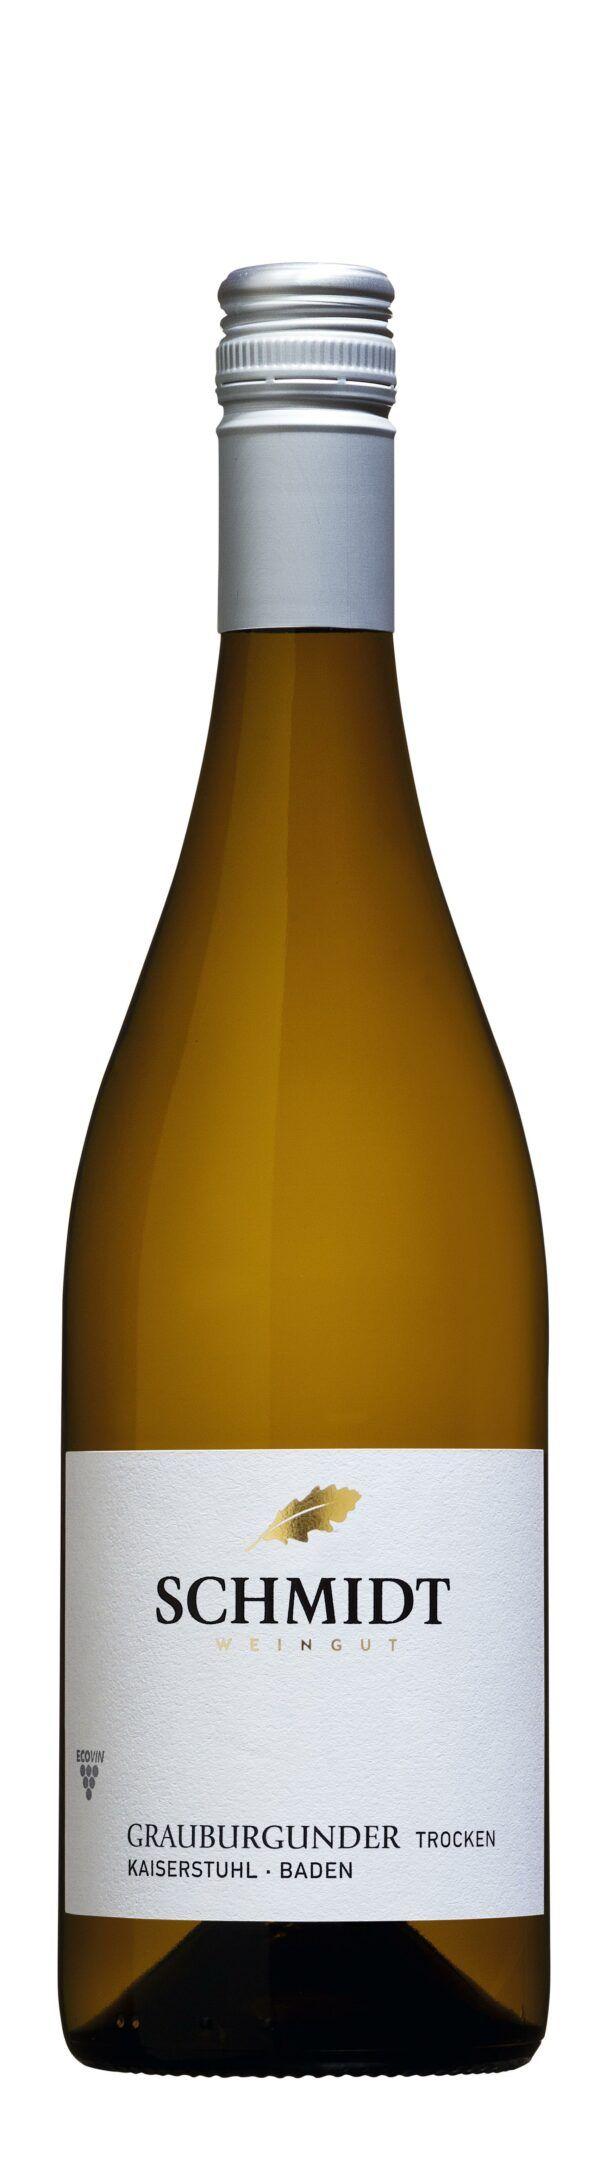 Ökologisches Weingut Schmidt Grauburgunder QbA Trocken Lagenwein 6x0,75l